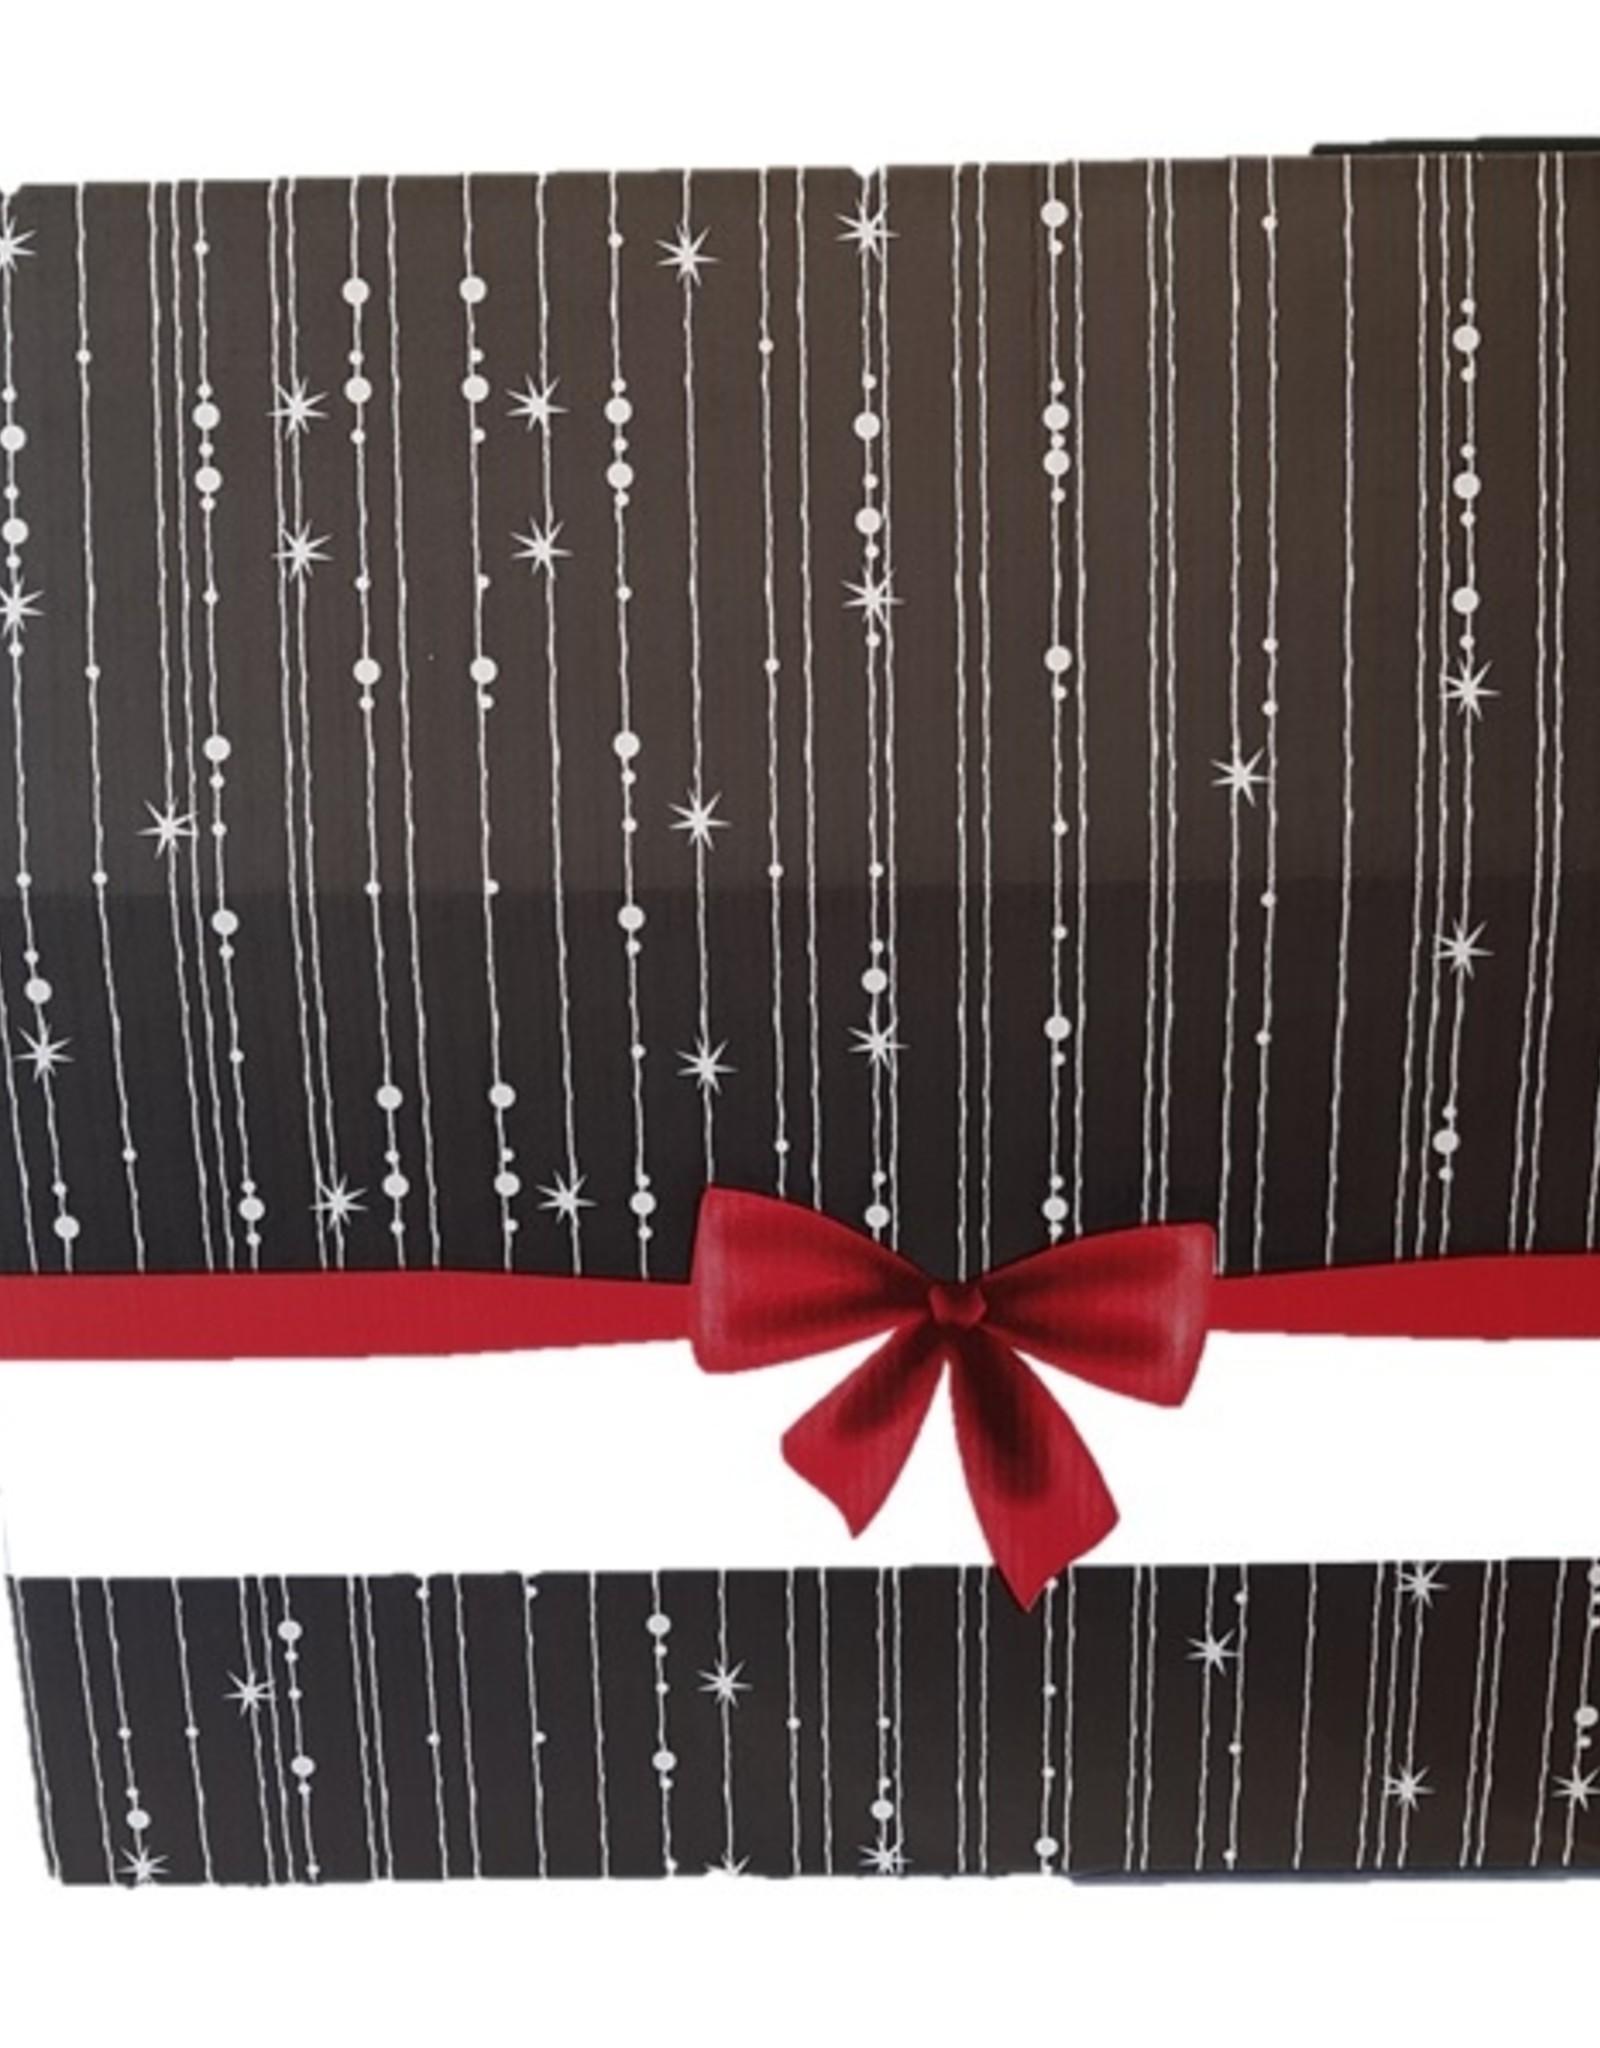 Dittersdorfer Weihnachtsverpackung gefüllt mit ihrer Auswahl an Produkten - Copy